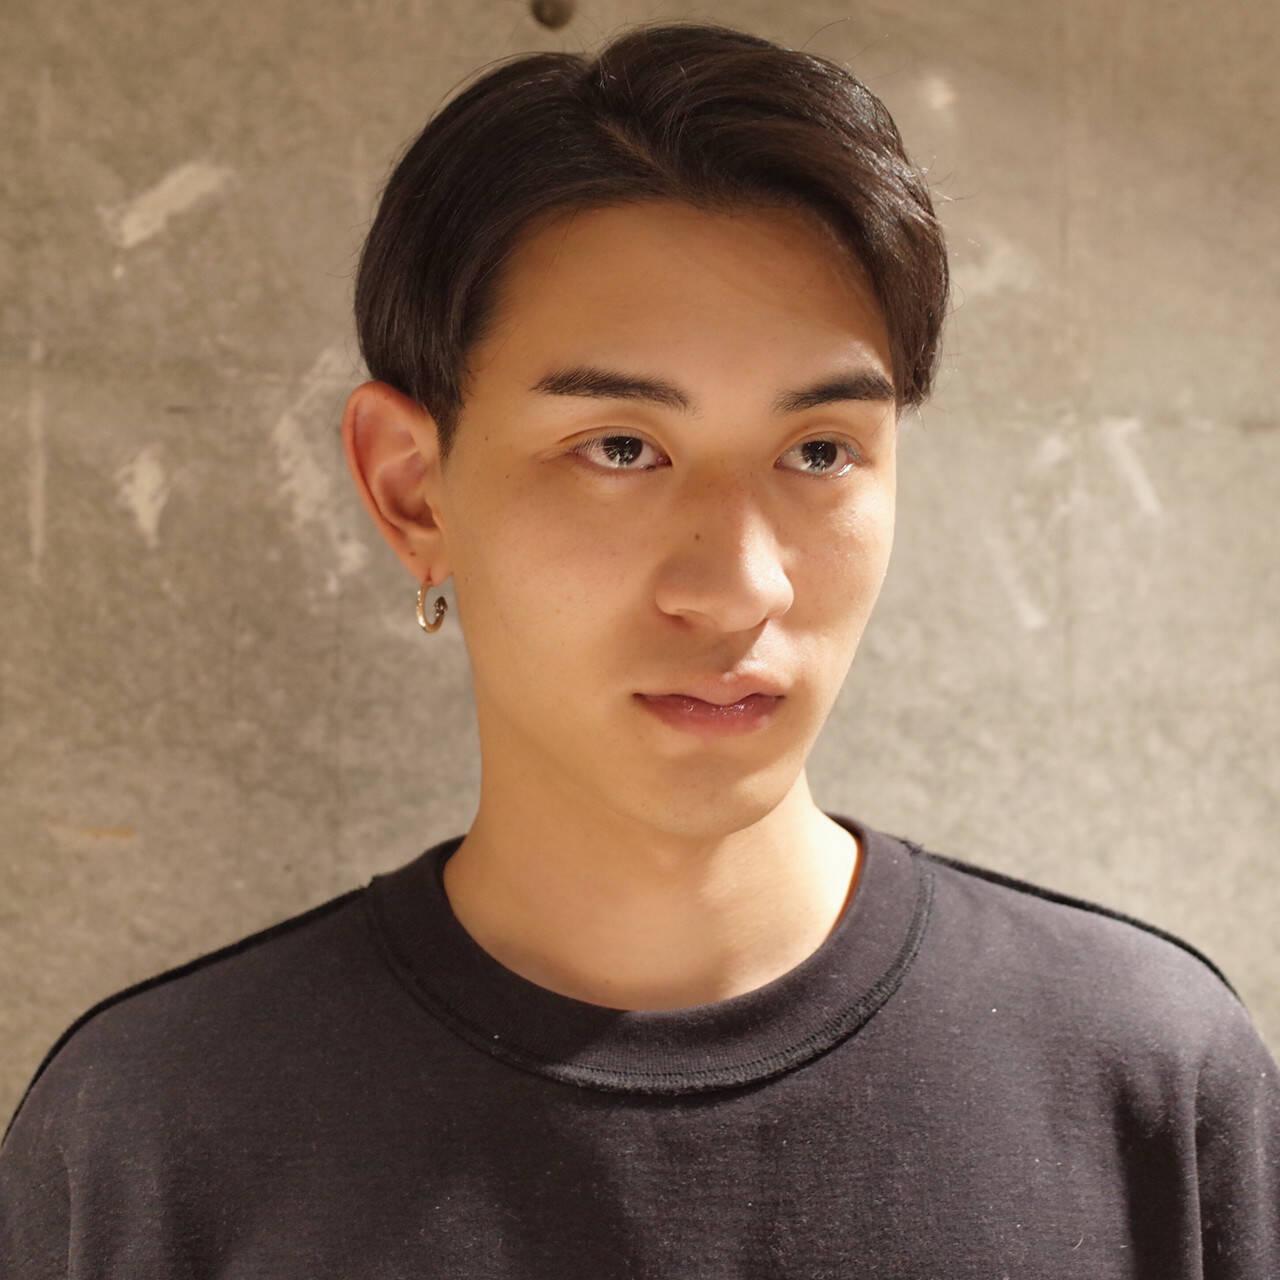 メンズ メンズヘア 刈り上げ ショートヘアスタイルや髪型の写真・画像